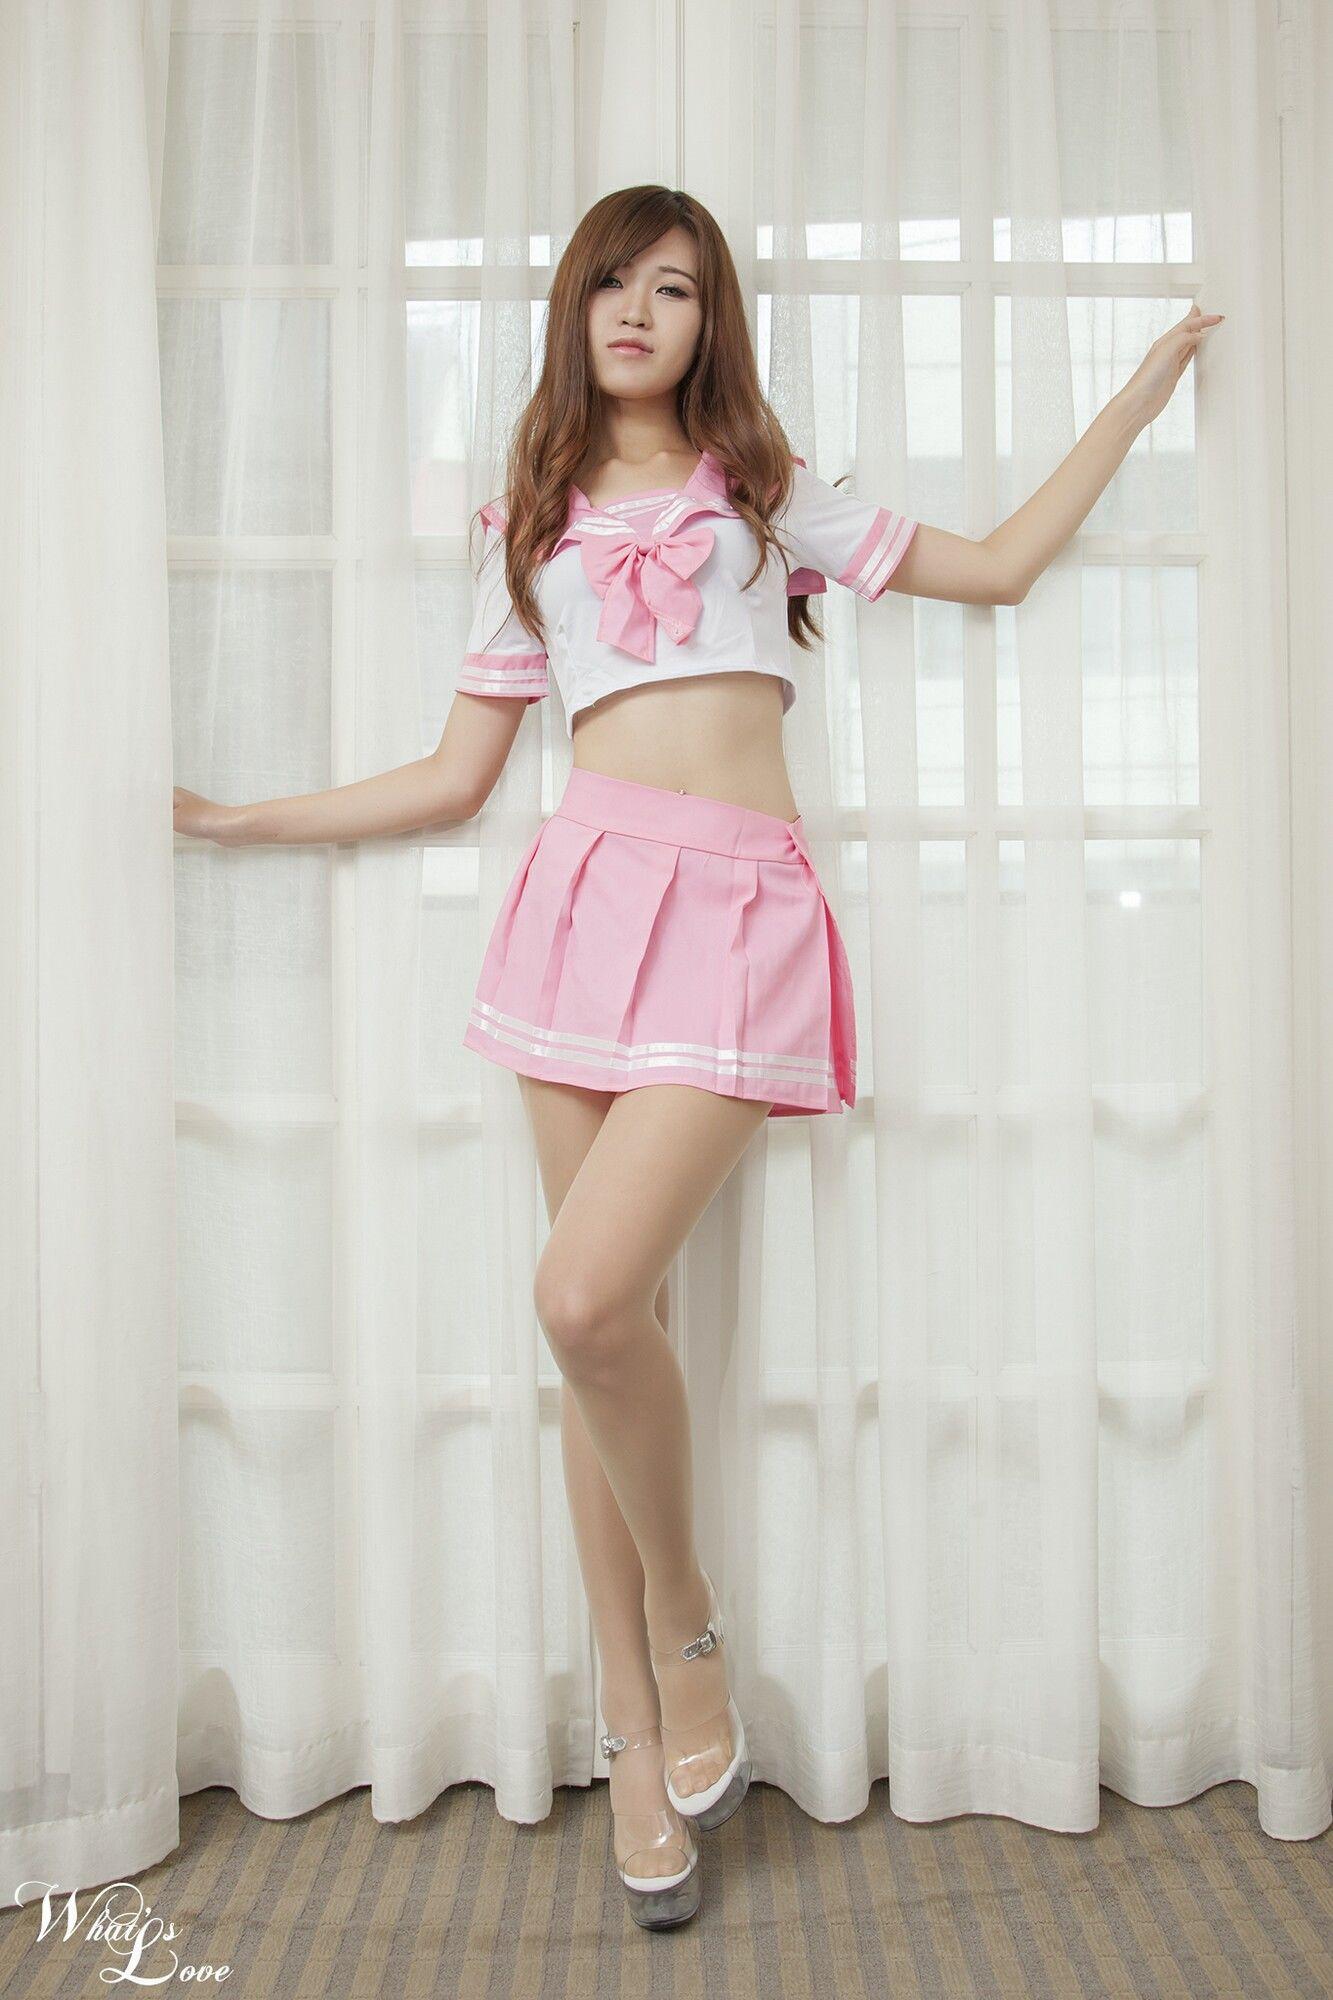 VOL.1035 [台湾正妹]高跟长腿美女:纪允夏超高清个人性感漂亮大图(23P)